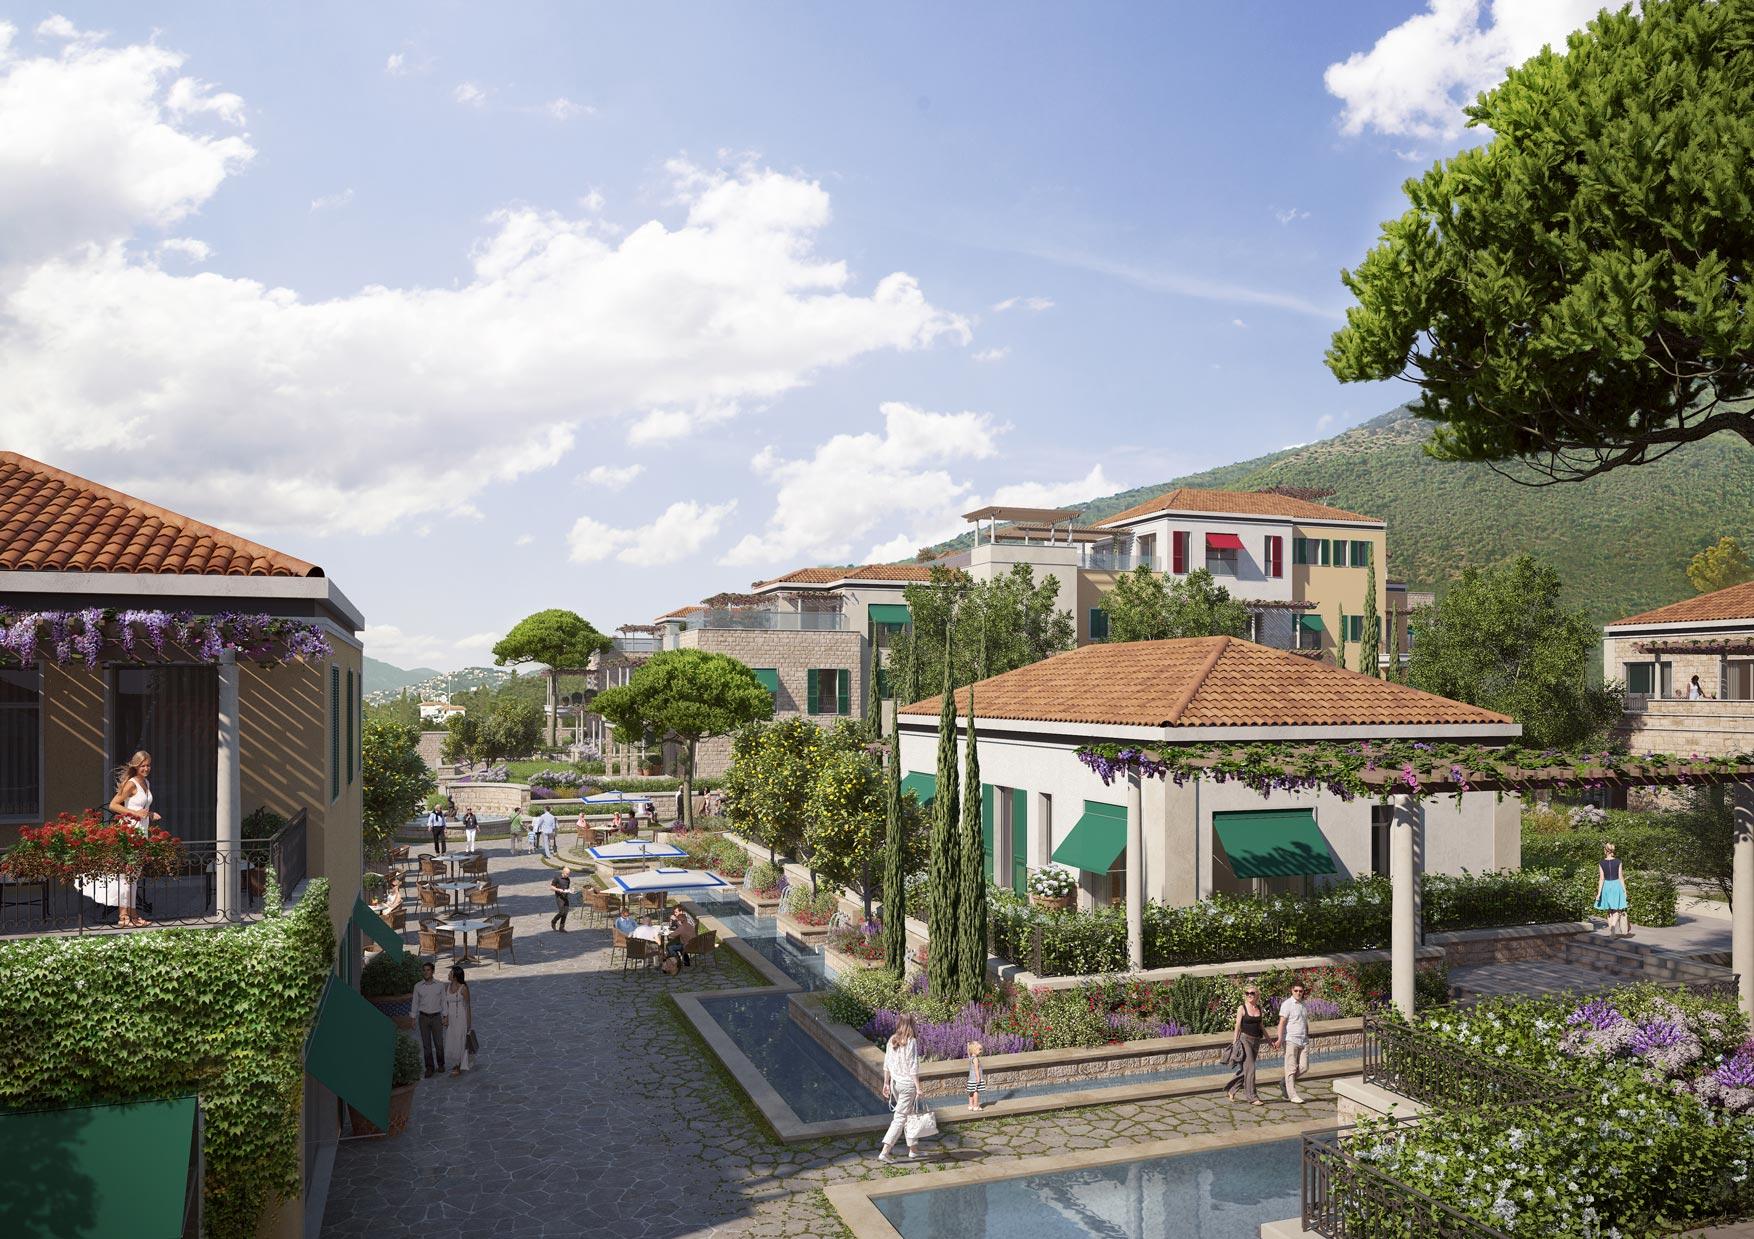 Elite-resort-with-luxury-apartments-in-Herceg-Novi (5).jpg